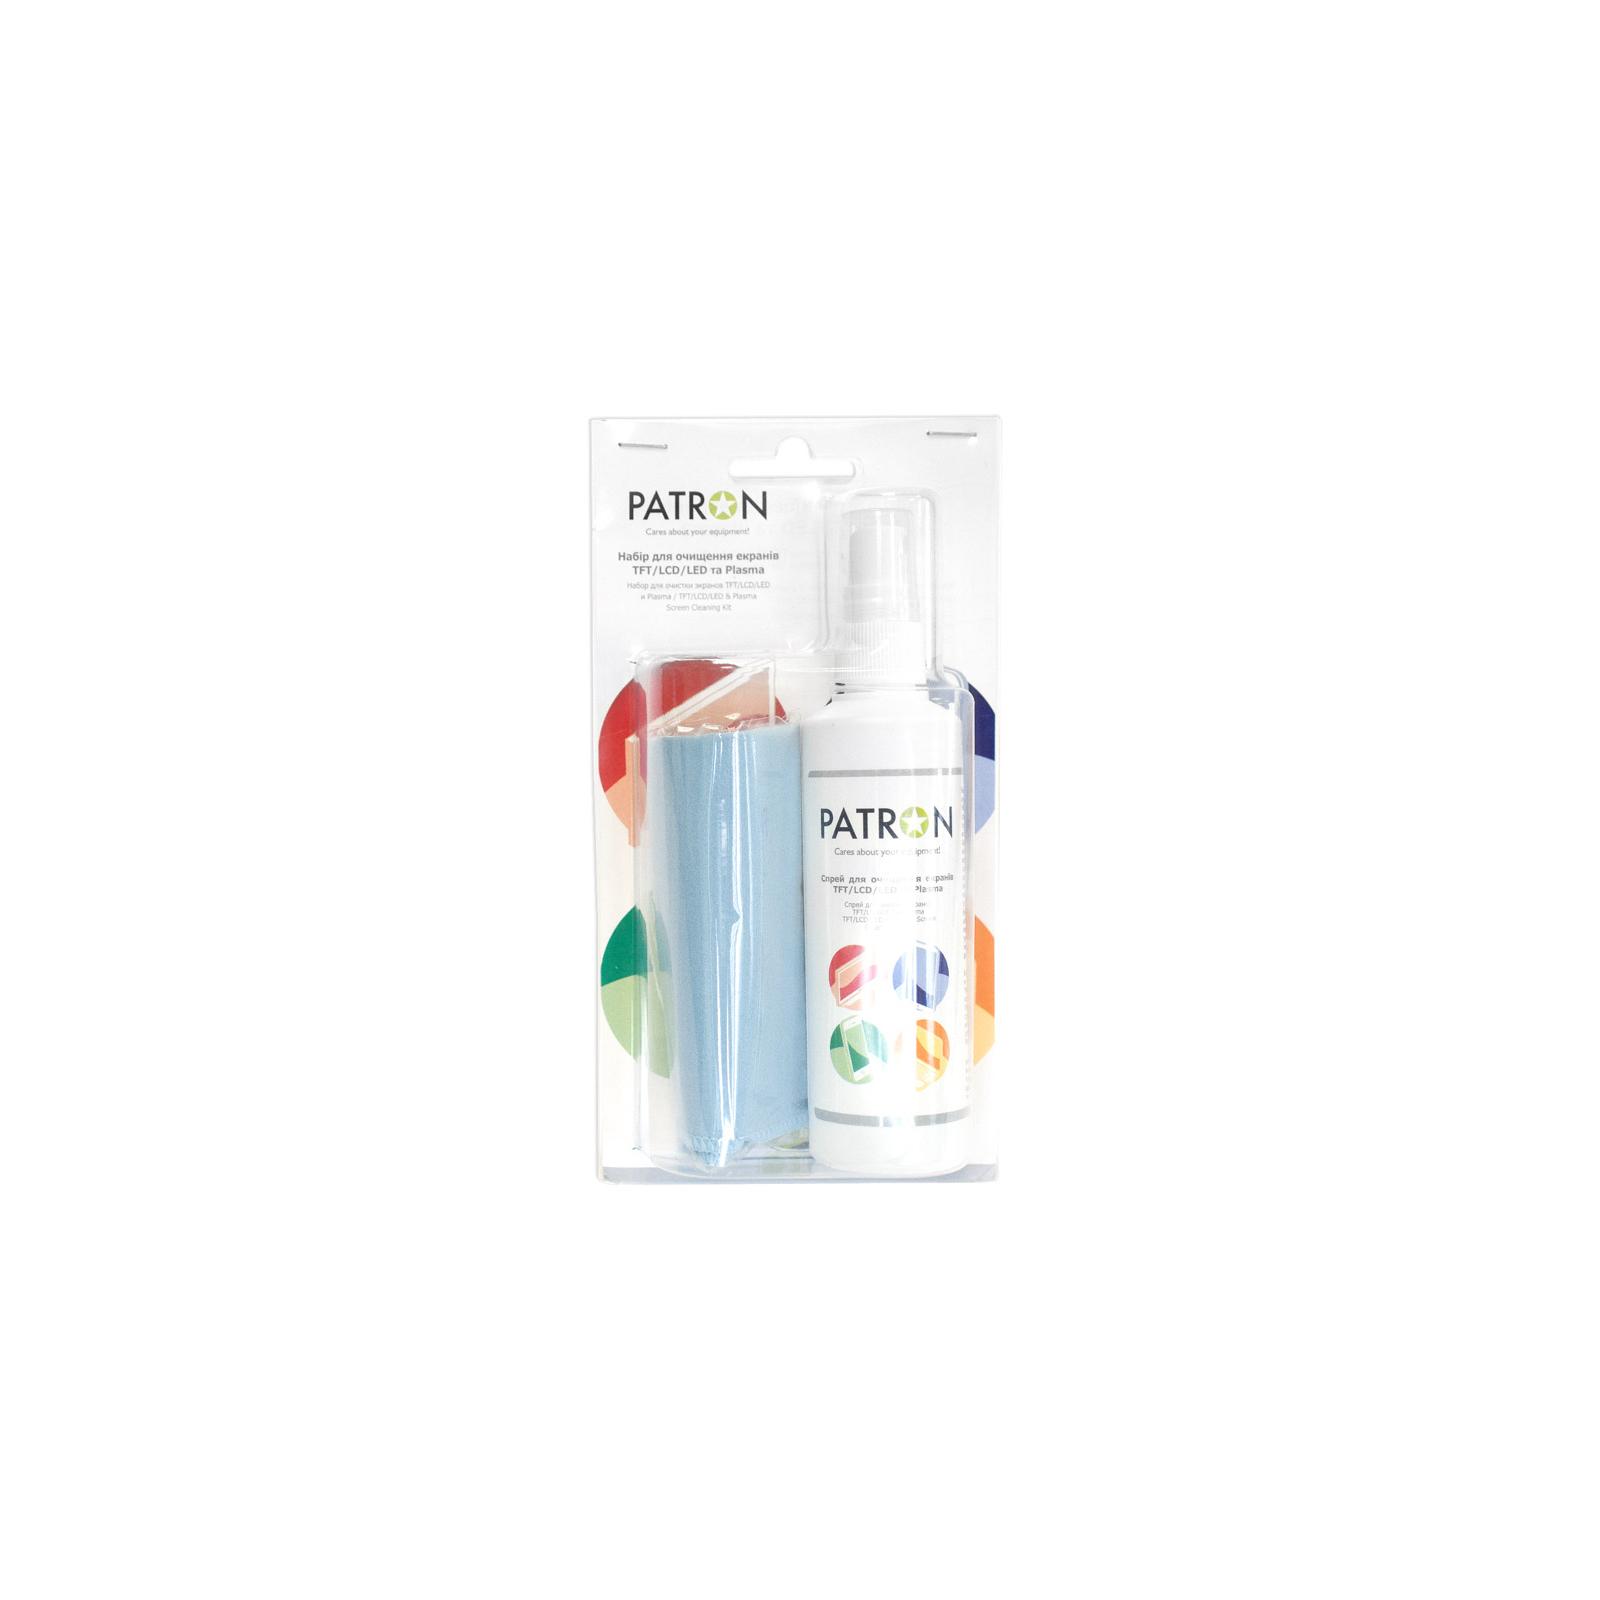 Универсальный чистящий набор PATRON for TFT/LCD/LED 125ml + Microfibre (F5-022)